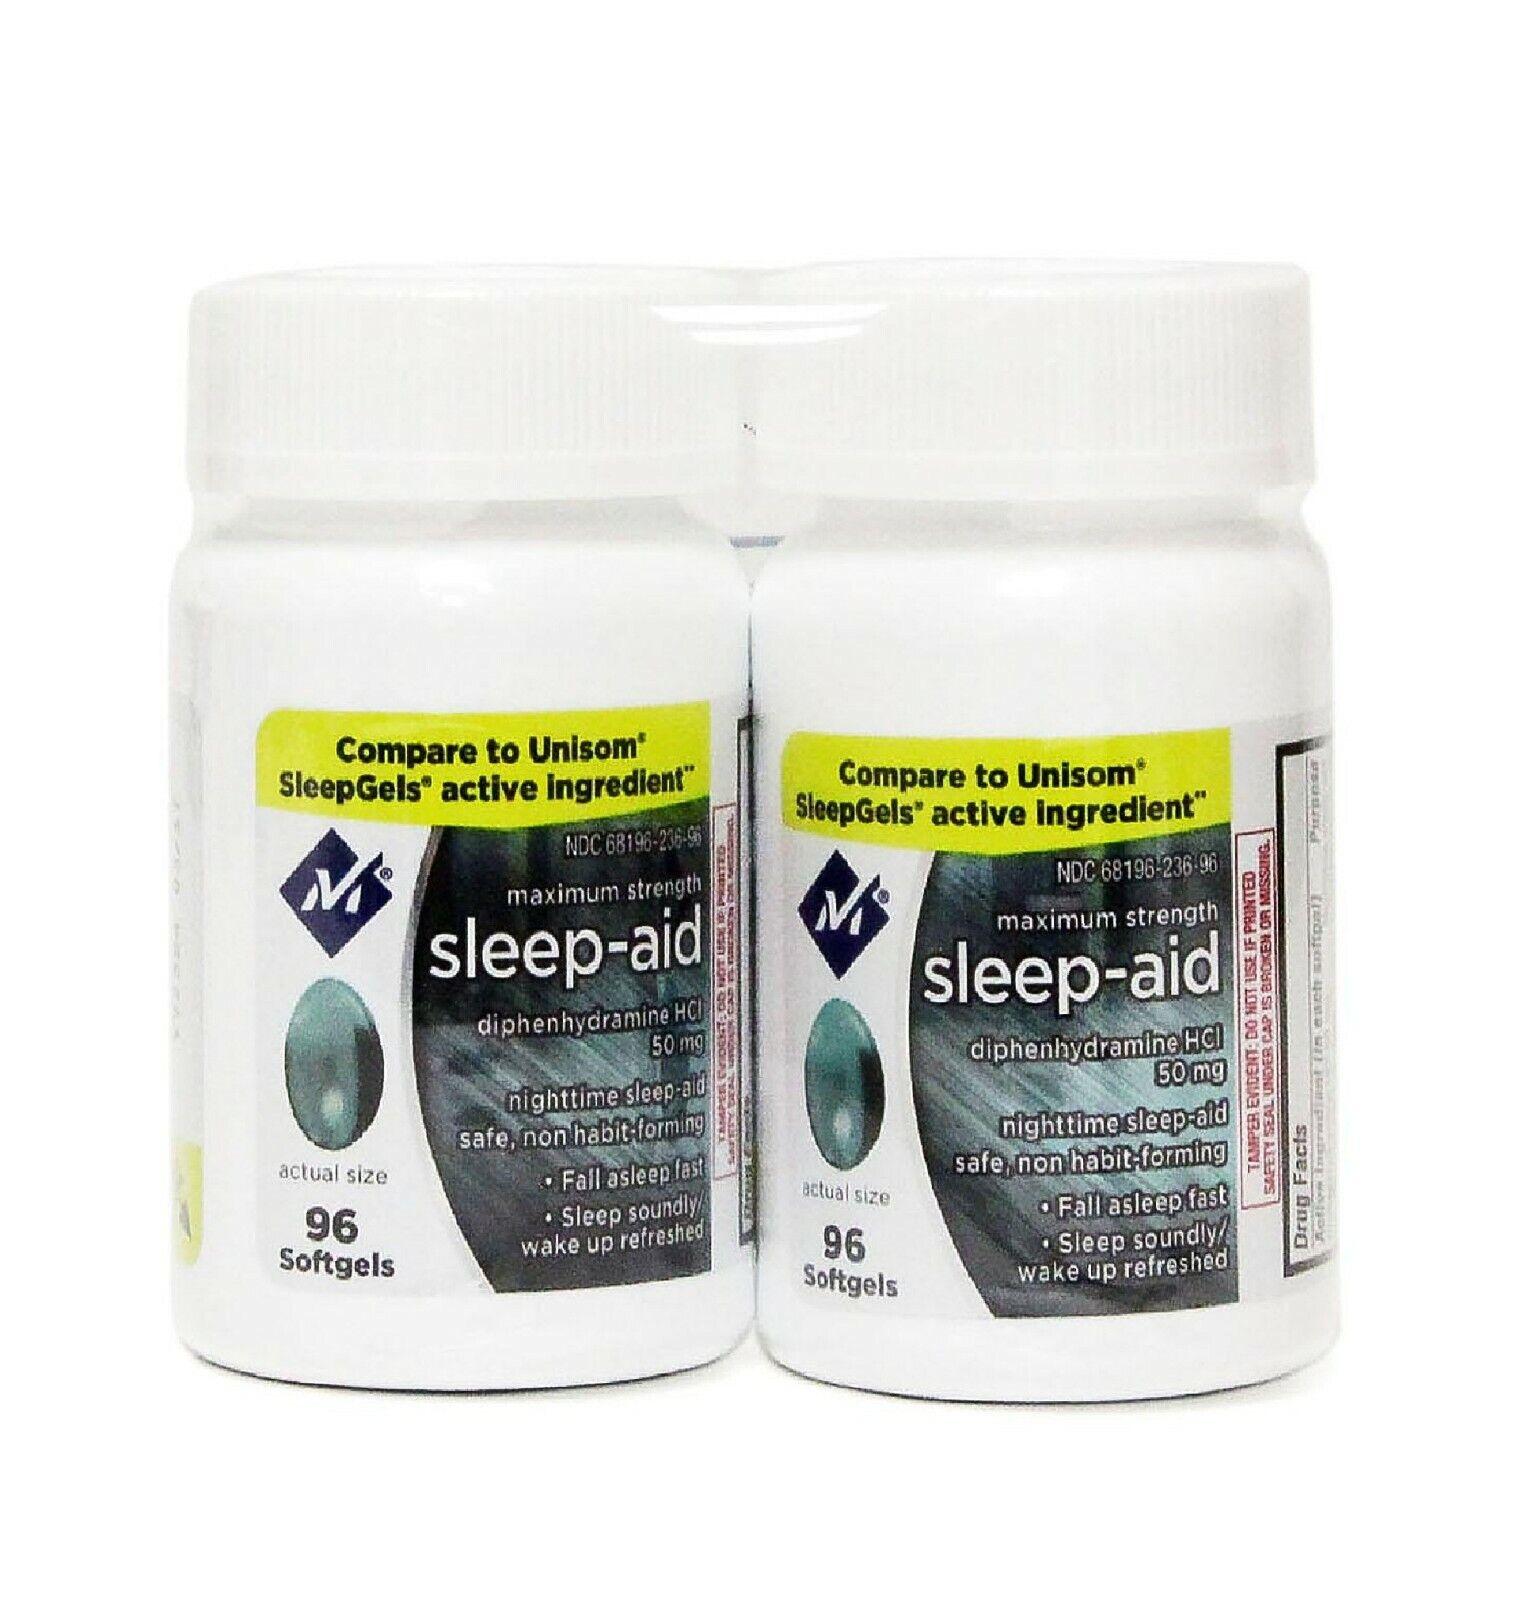 Sleep Aid Sleeping Pills Members Mark Diphenhydramine 50 mg